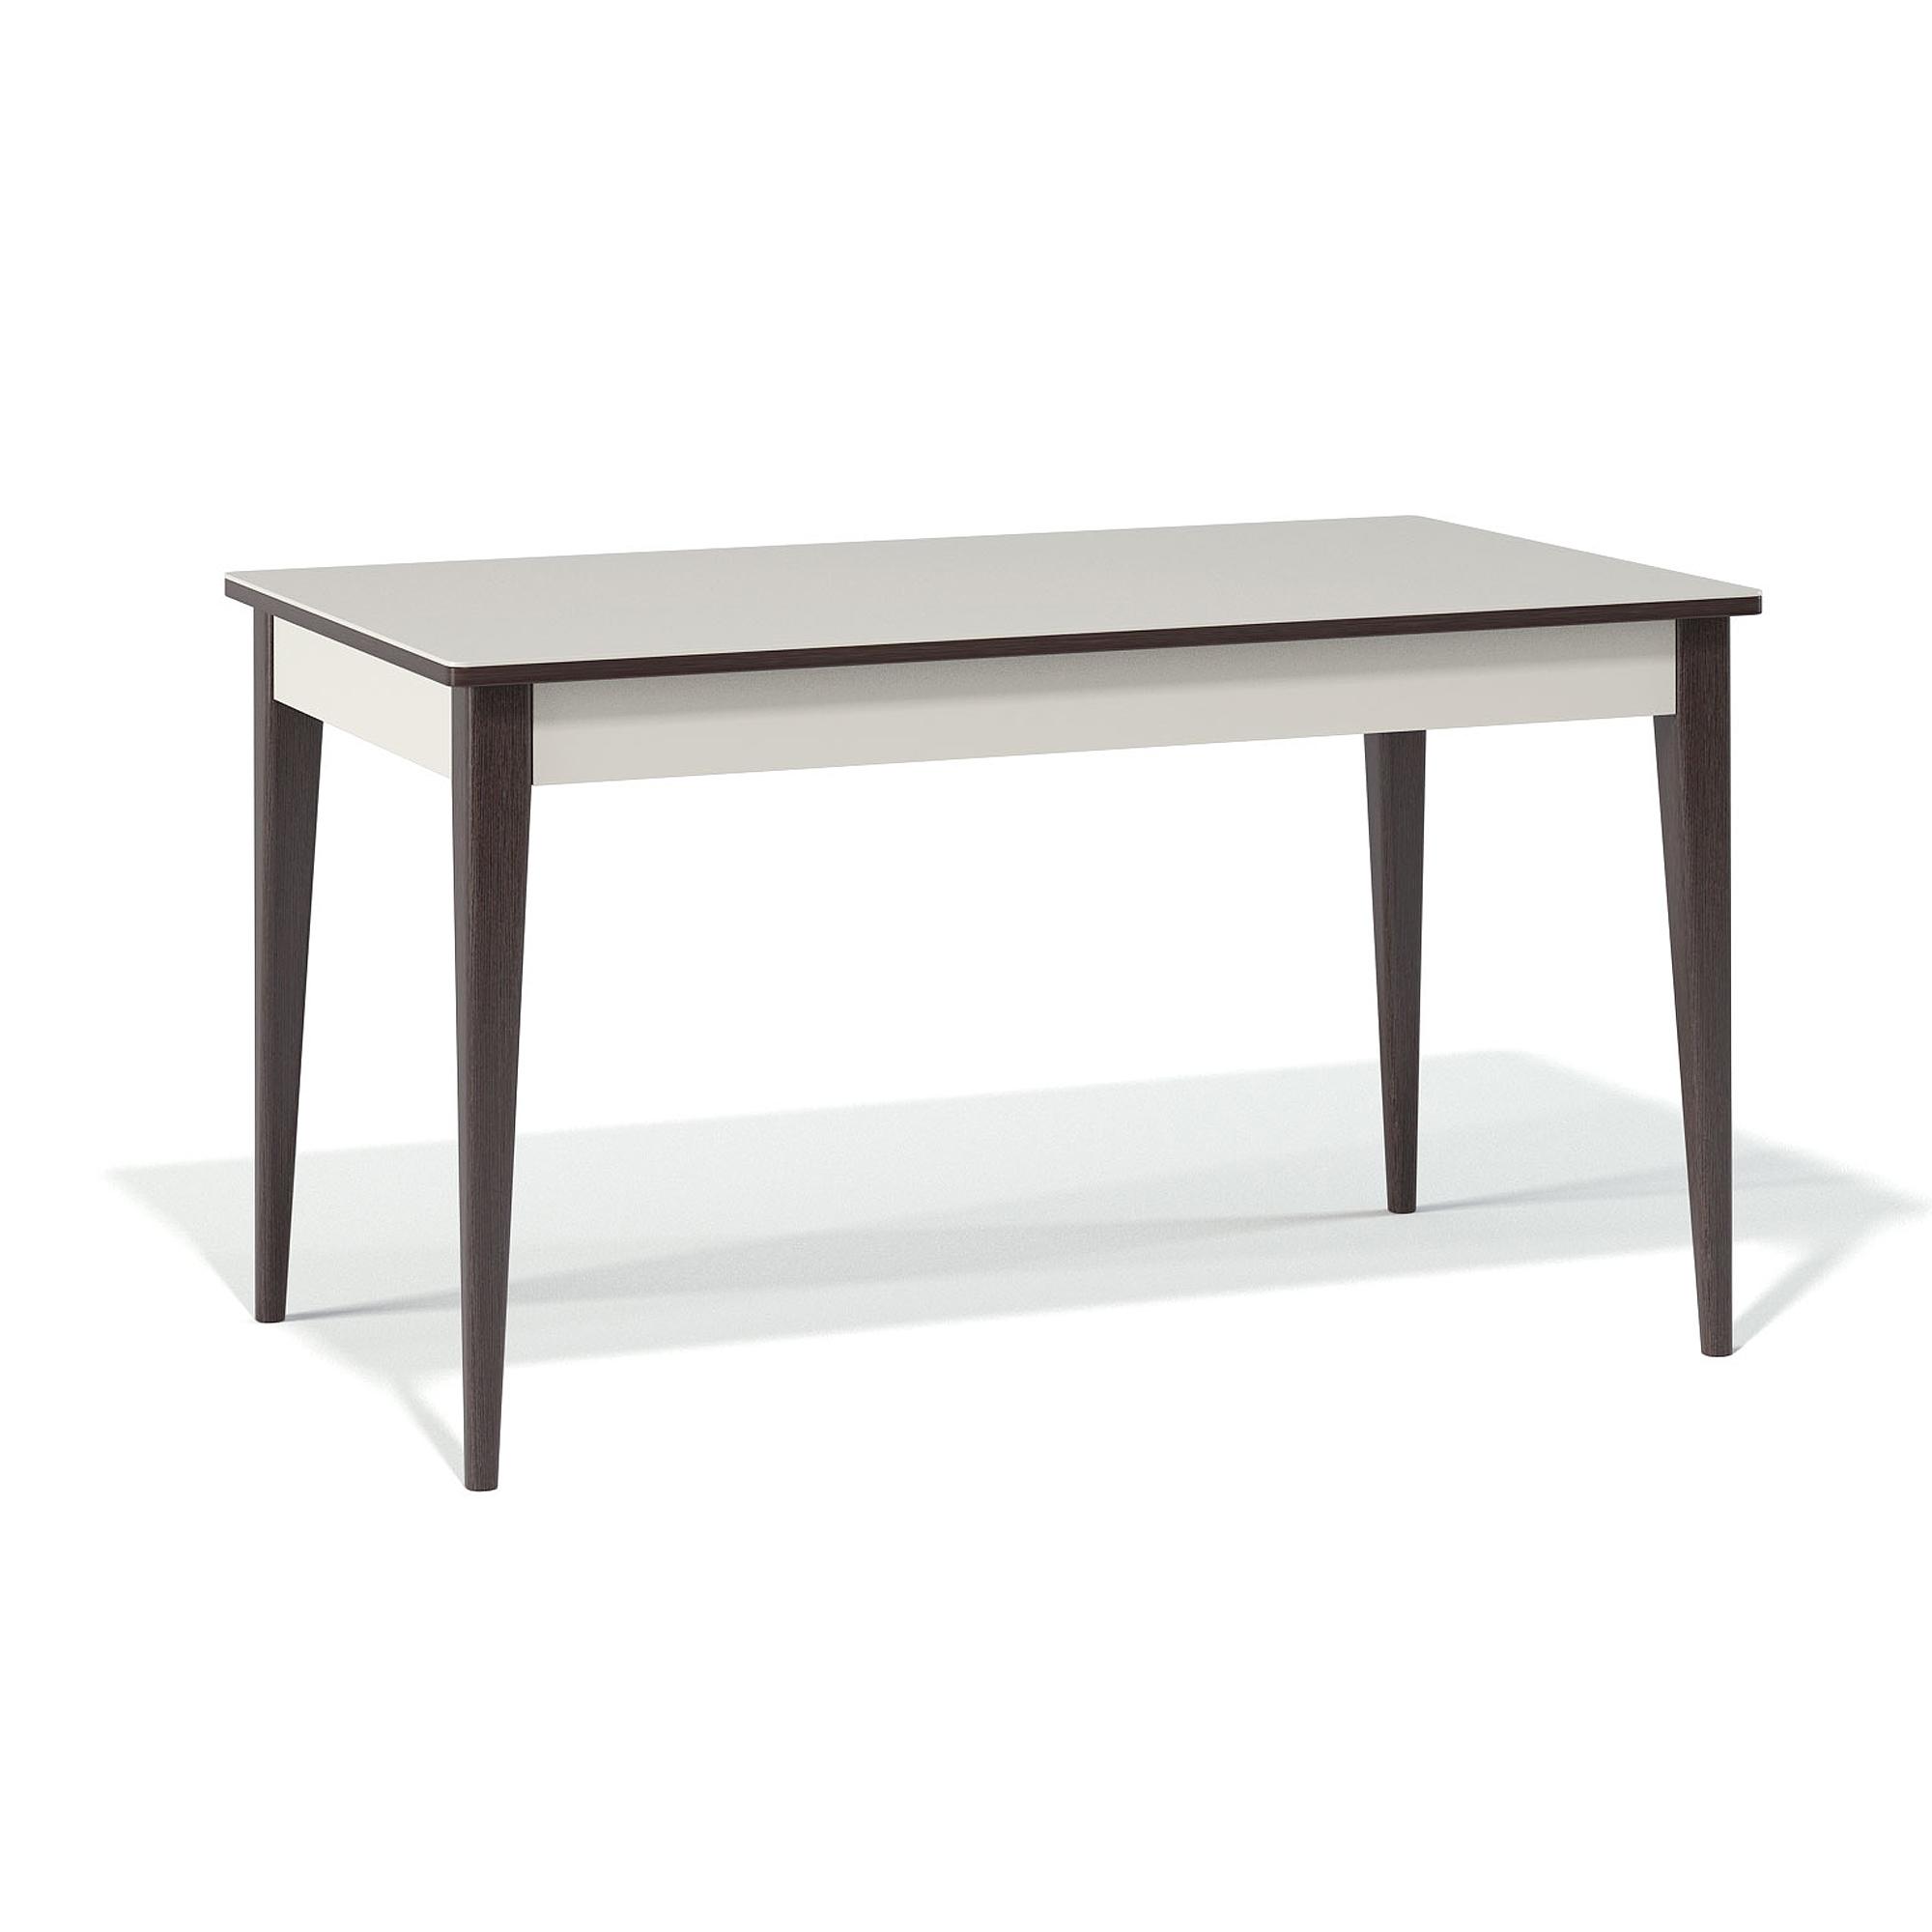 Стол обеденный KennerОбеденные столы<br>Изюминка и оригинальность этого стола заключается в его механизме раскладки. Раскладка происходит вместе с опорами - такой механизм называется телескоп - очень удобно и быстро можно организовать дополнительное место для гостей.&amp;nbsp;Столешница стола выполнена из стекла (4 мм)+лдсп, ножки стола - массив бука.&amp;nbsp;За столом свободно поместится от 6 до 10 человек.&amp;nbsp;Размеры разложенной столешницы: 200х90 см.<br><br>kit: None<br>gender: None